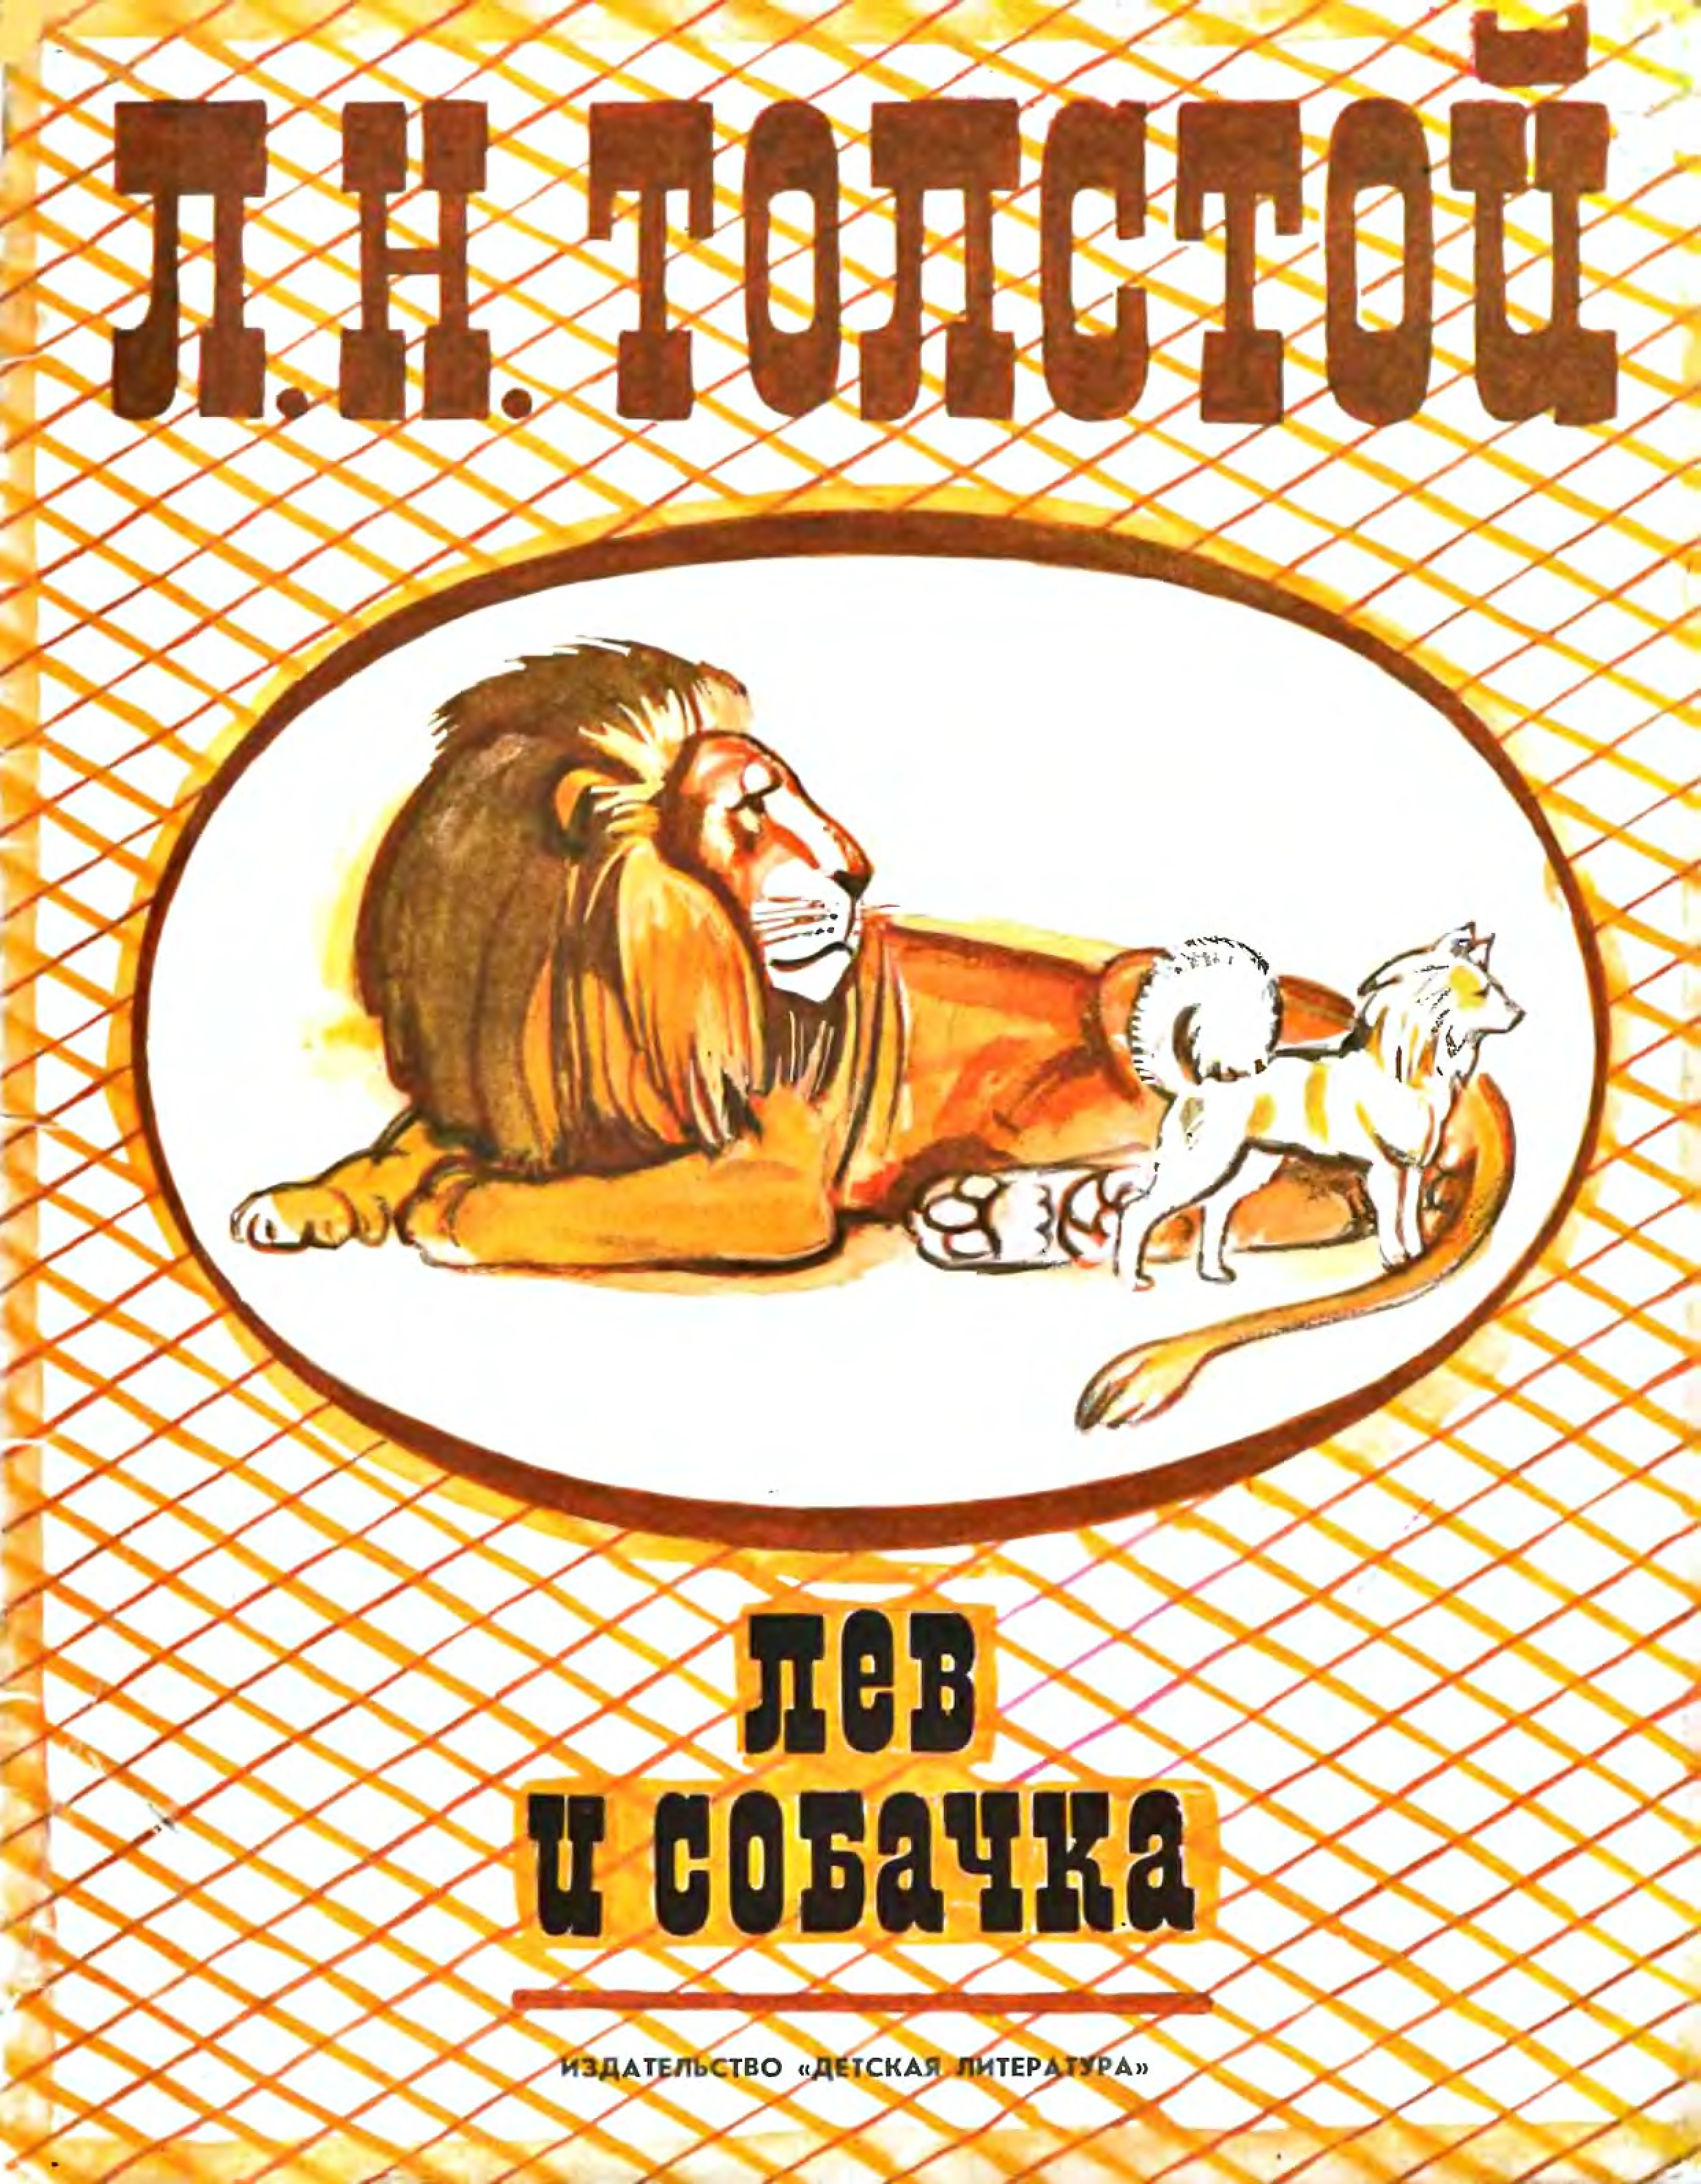 Для, картинки толстой лев и собачка